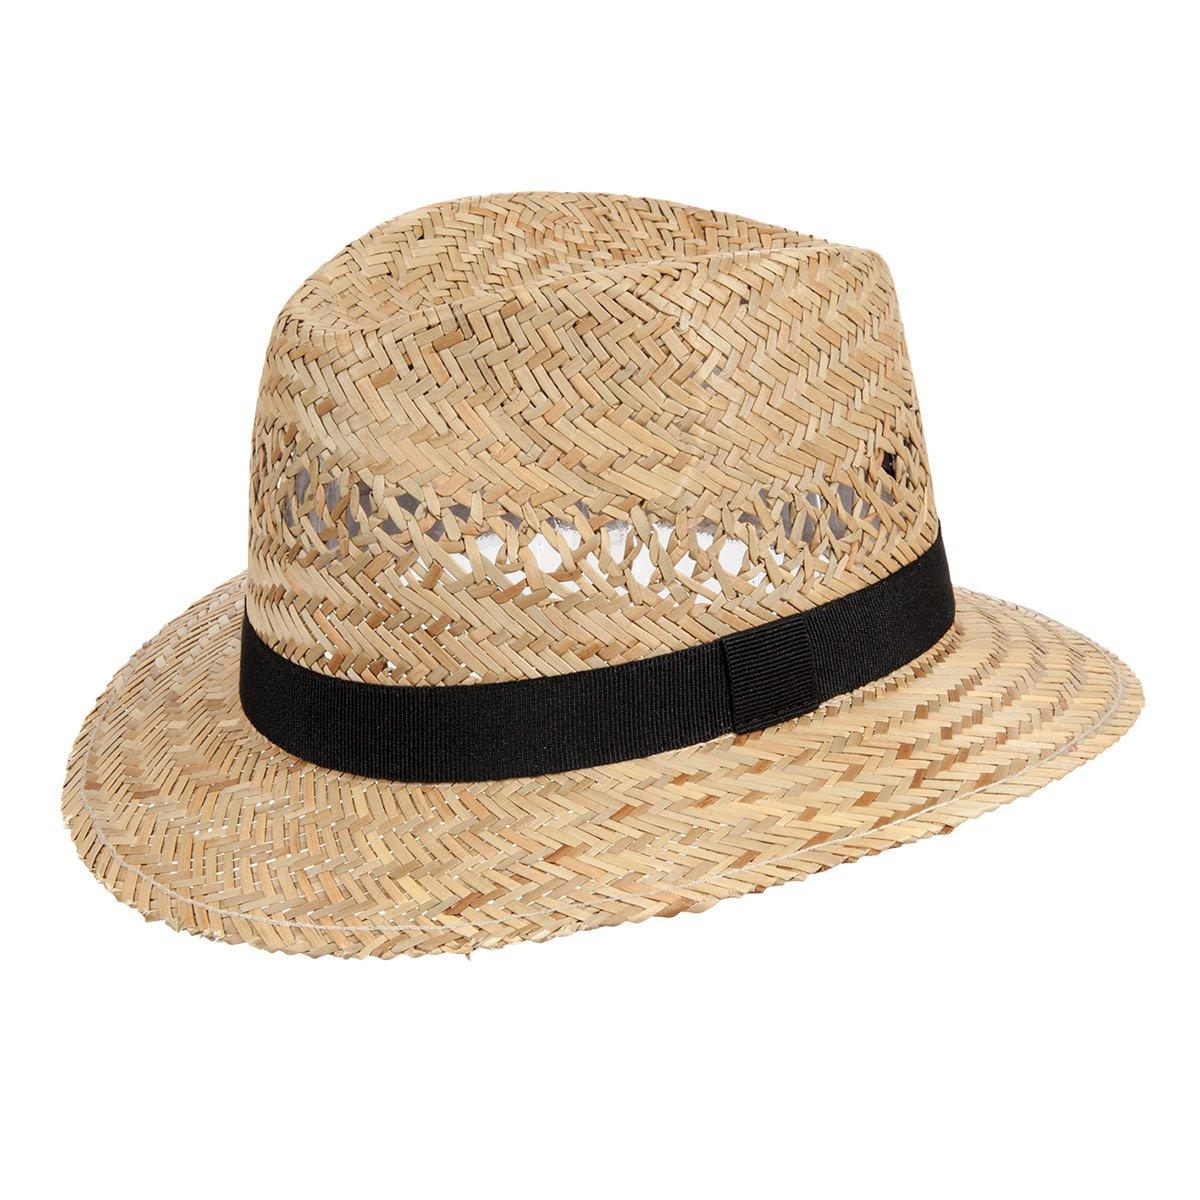 cappello sportivo di paglia con fascia nera ... 3d9c5b5e11dc